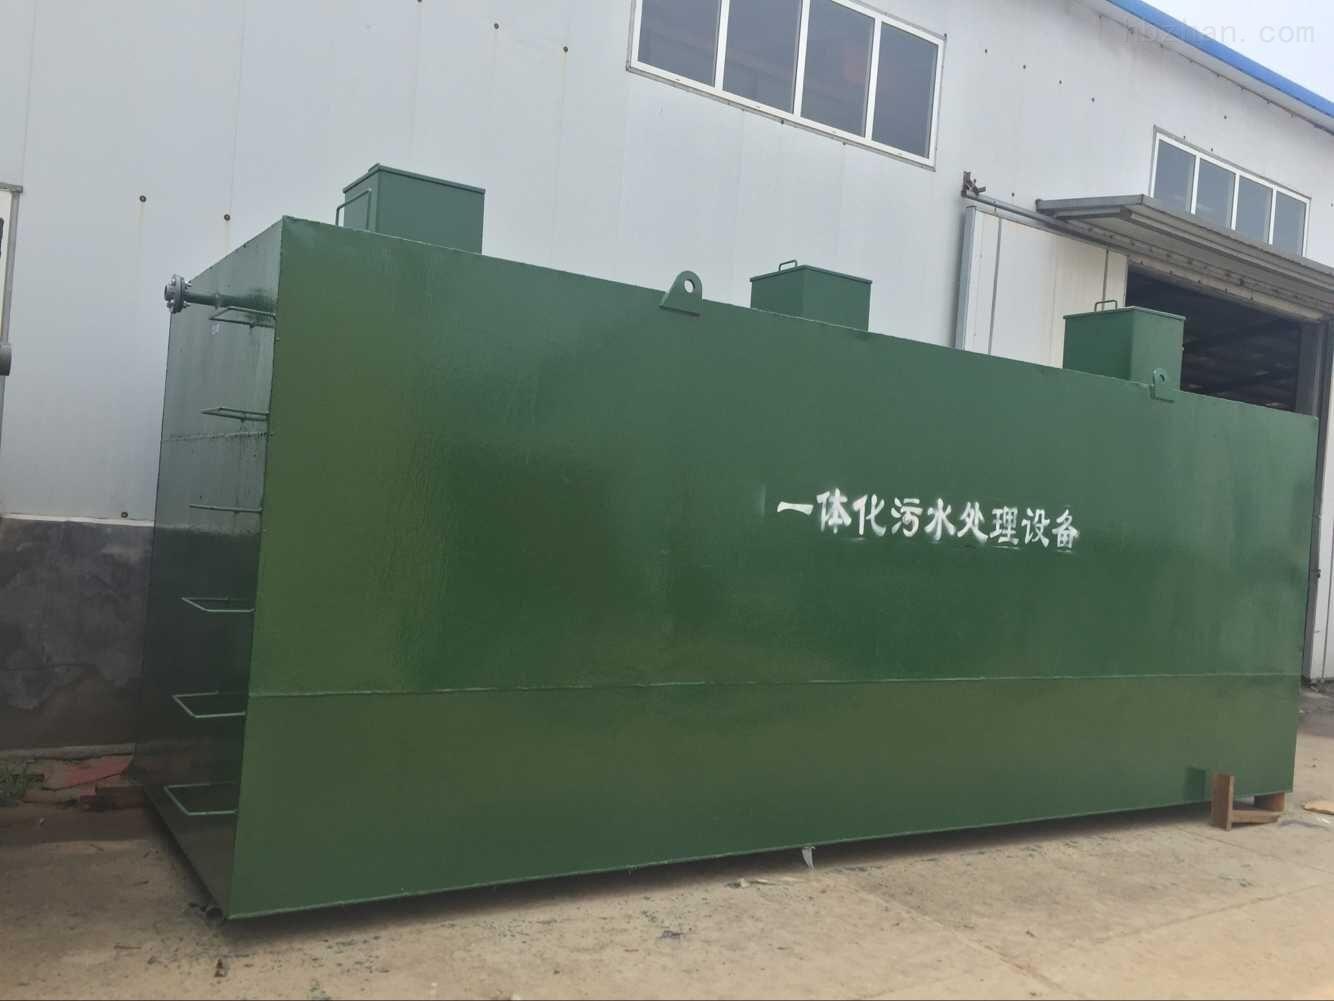 唐山屠宰污水处理设备安装步骤